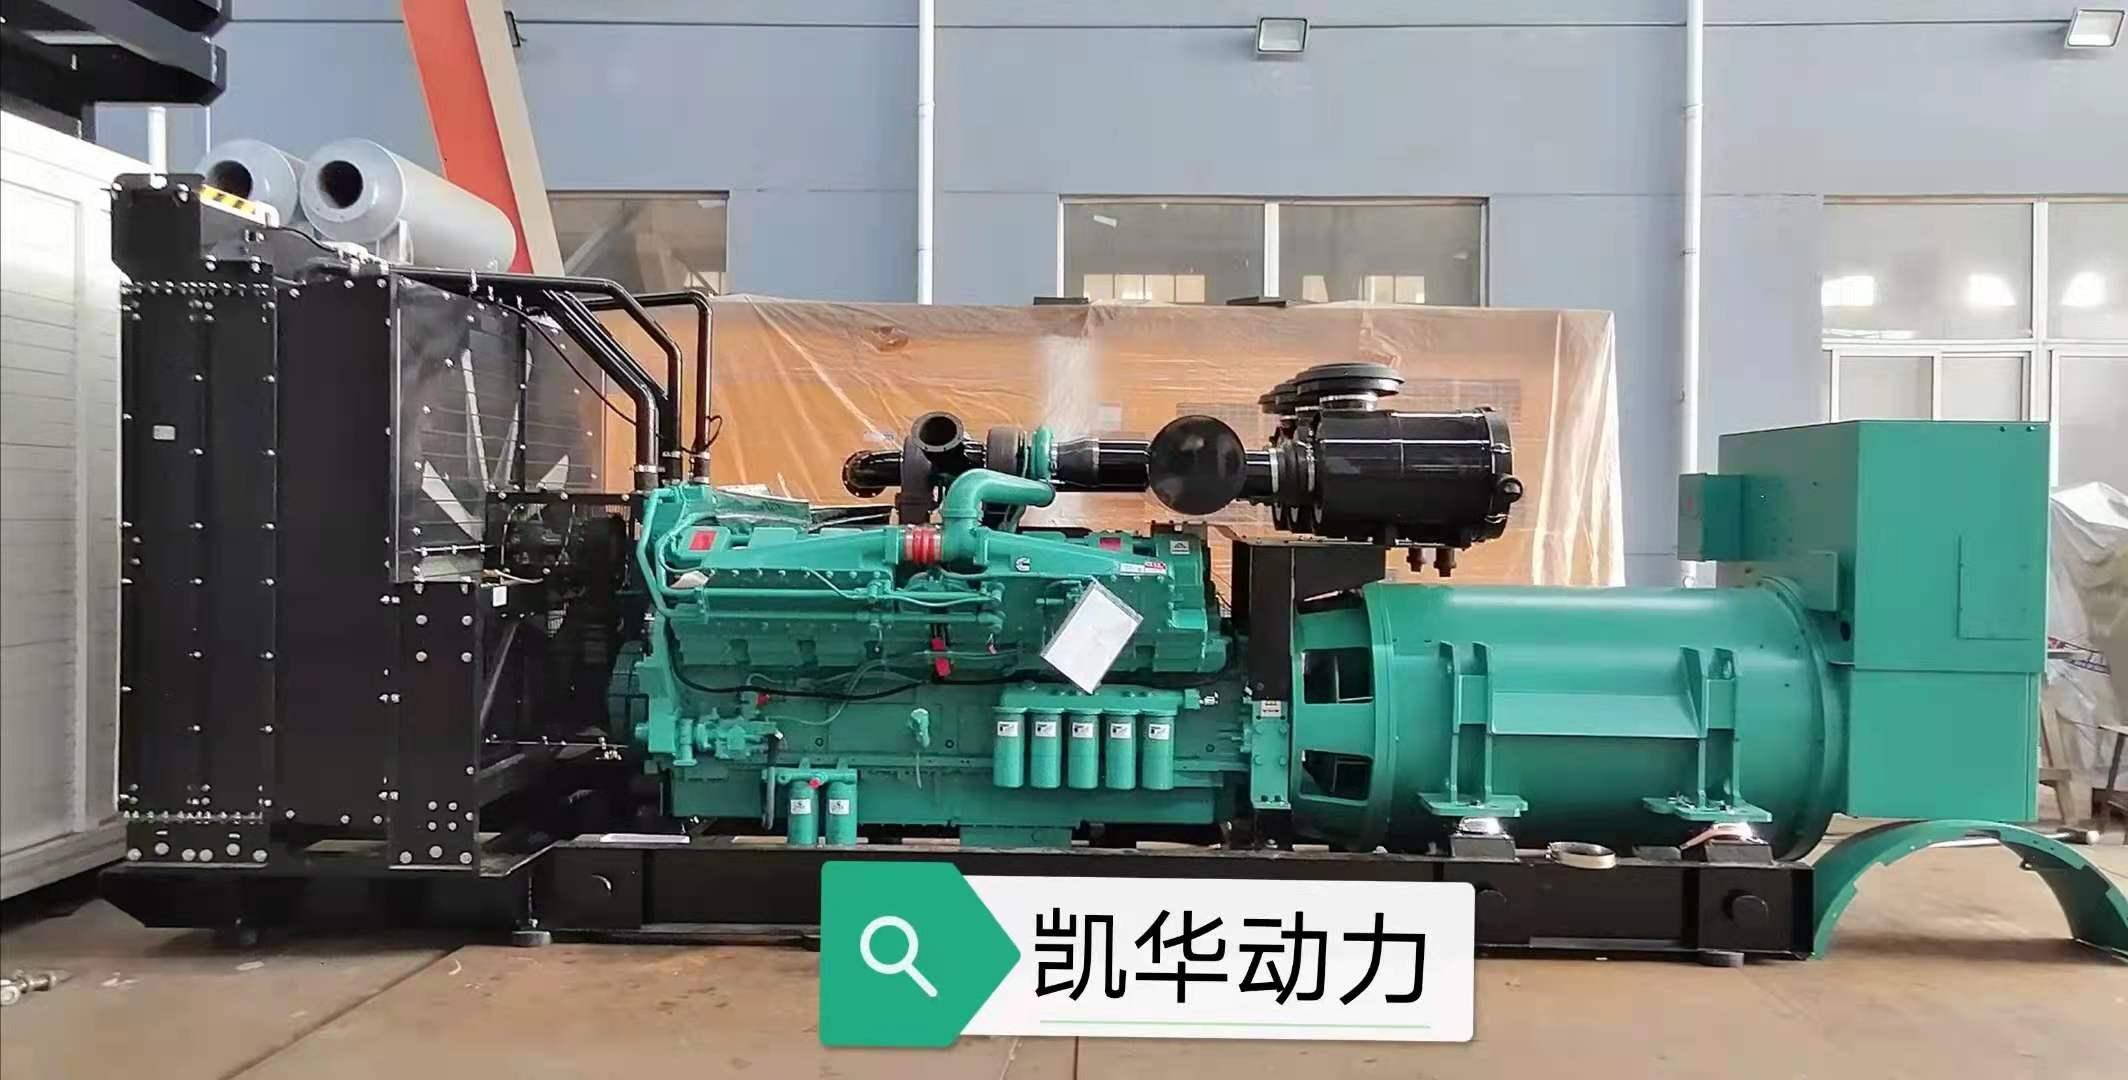 祝贺安哥拉客户1200kW康明斯高压机组成功发往上海港